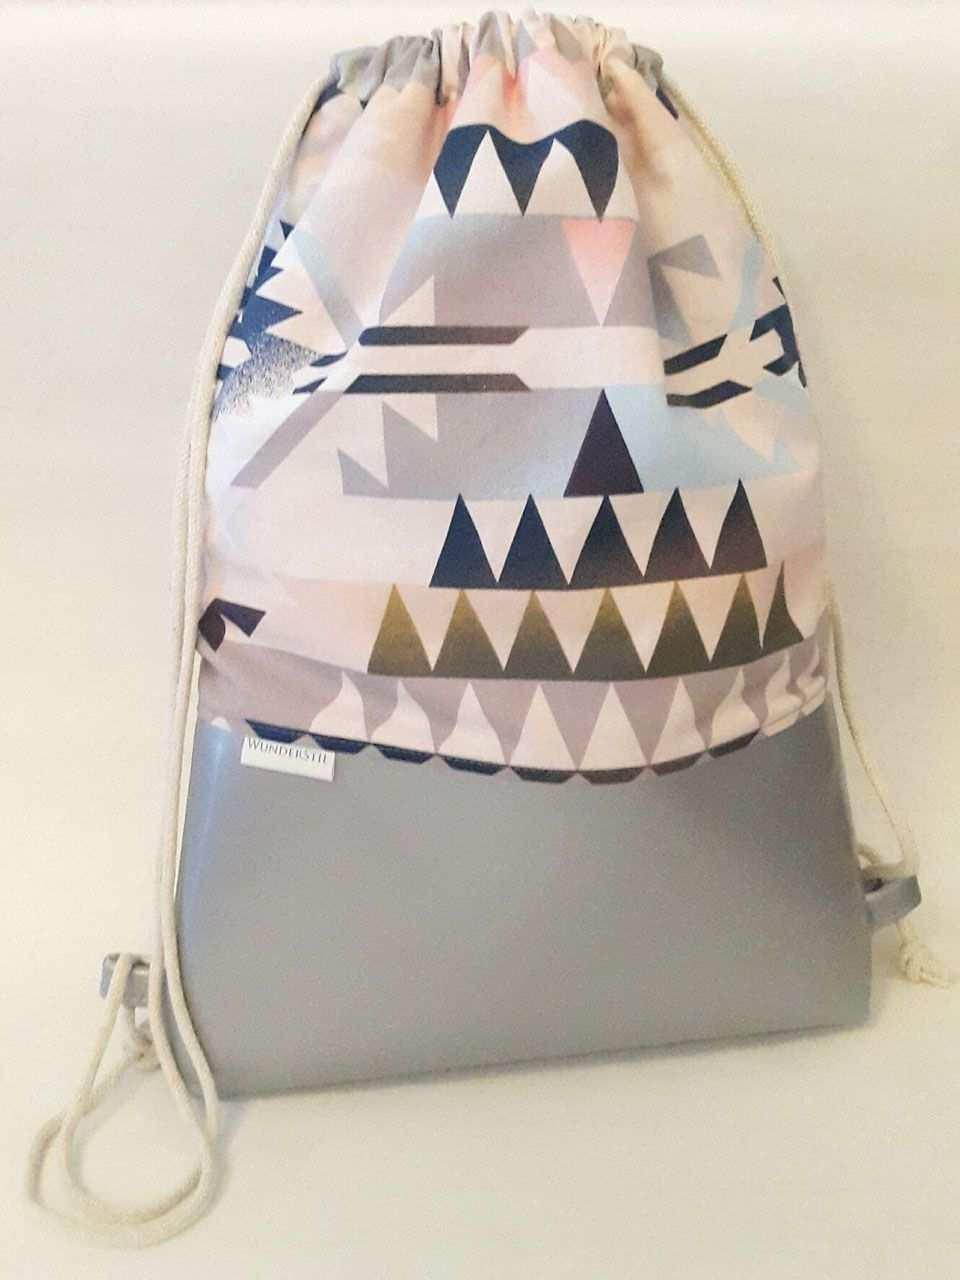 Taschen Wunderstil Mode Accessoires Dekoartikel Turnbeutel Bedrucken Handtaschen Taschen